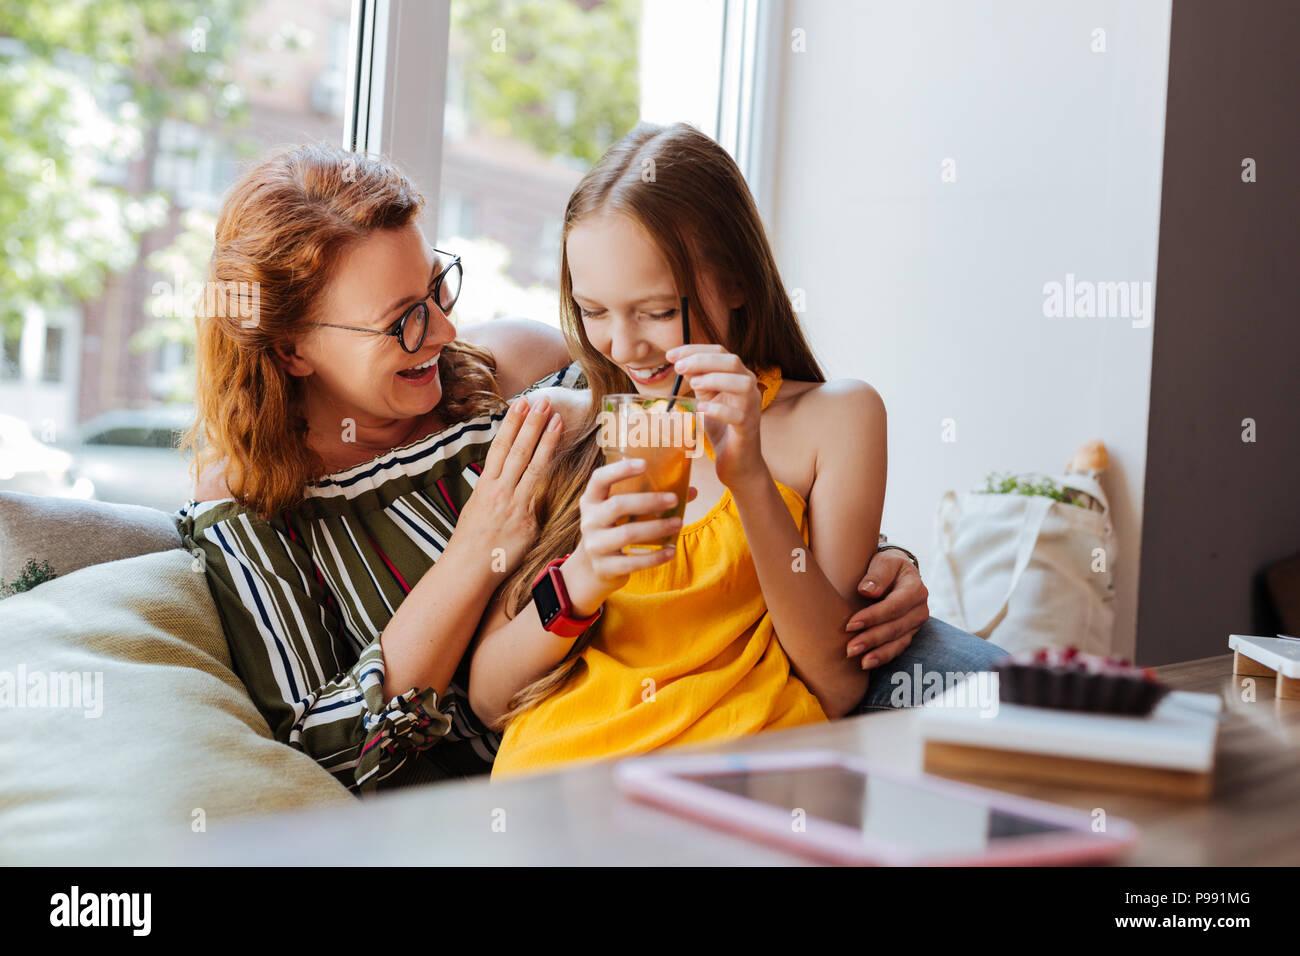 Blonde lächelnden Tochter trinken Cocktail Stockbild